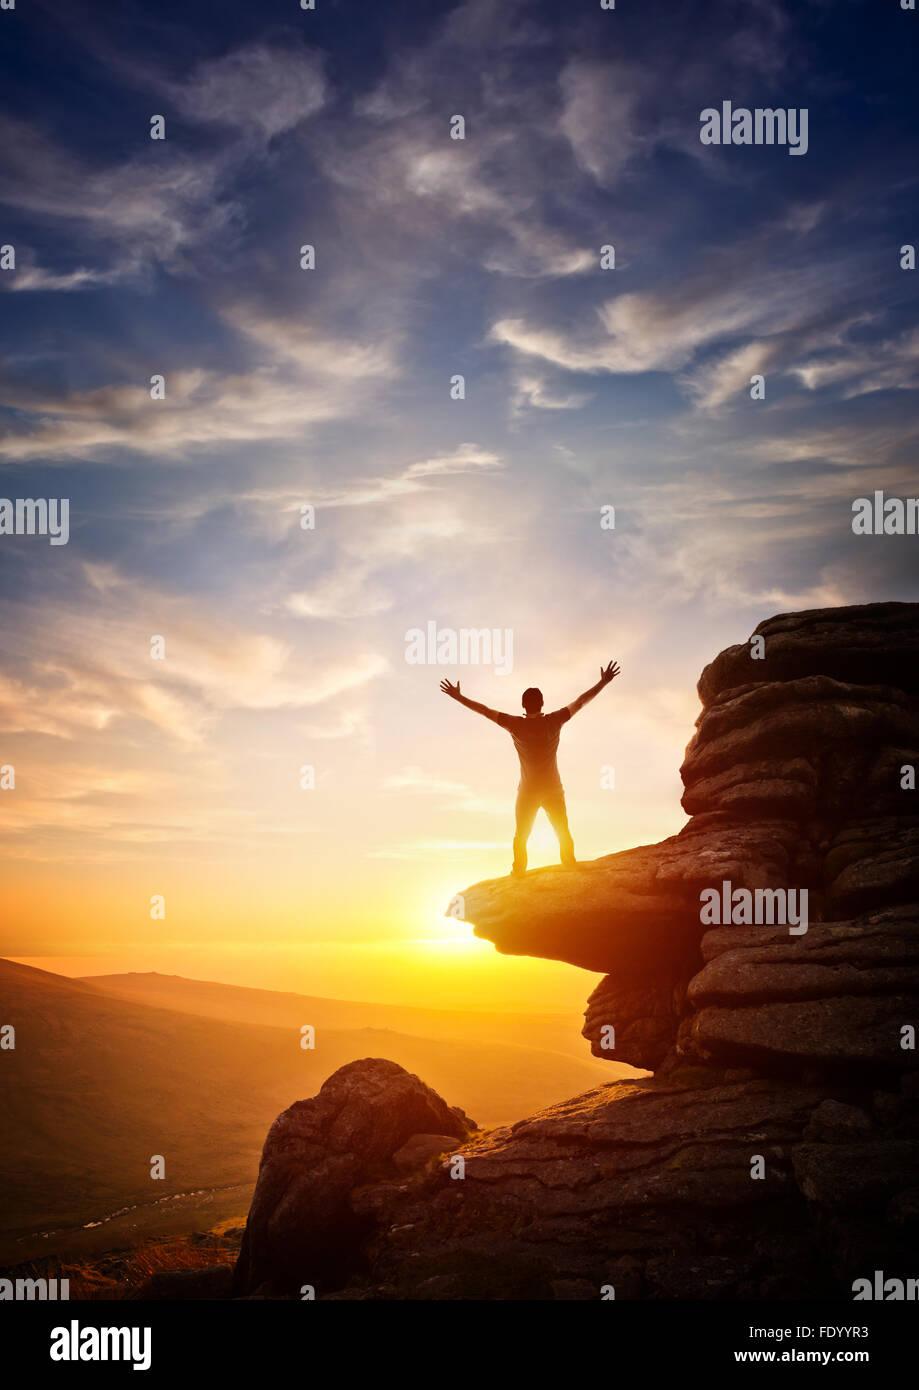 Una persona hasta llegar desde un punto alto, frente a una puesta de sol. Expresando la libertad Imagen De Stock